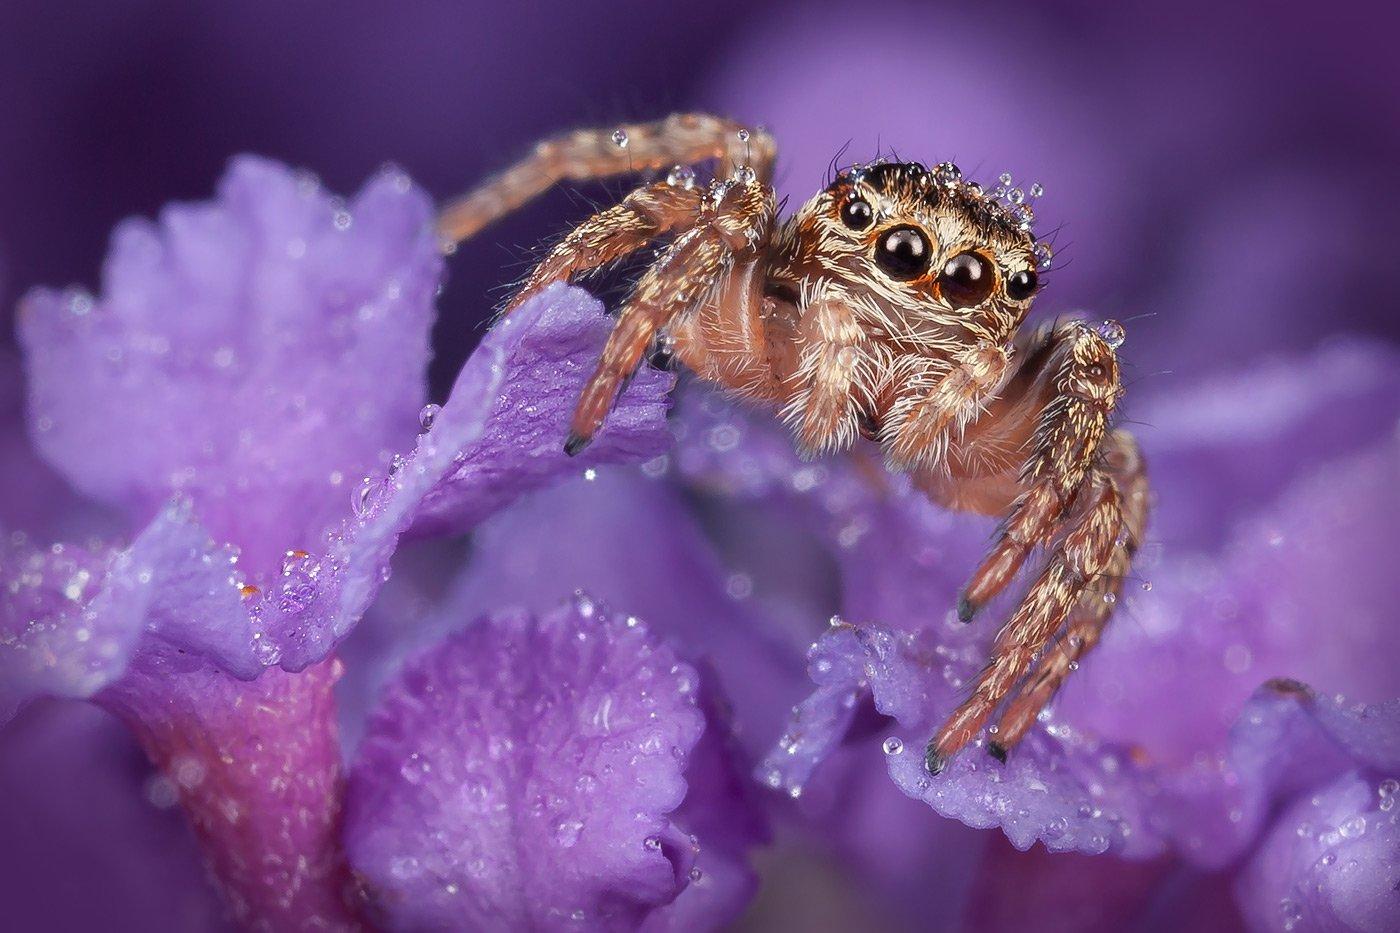 паук скакун, макро, цветы, макро,, Linas T